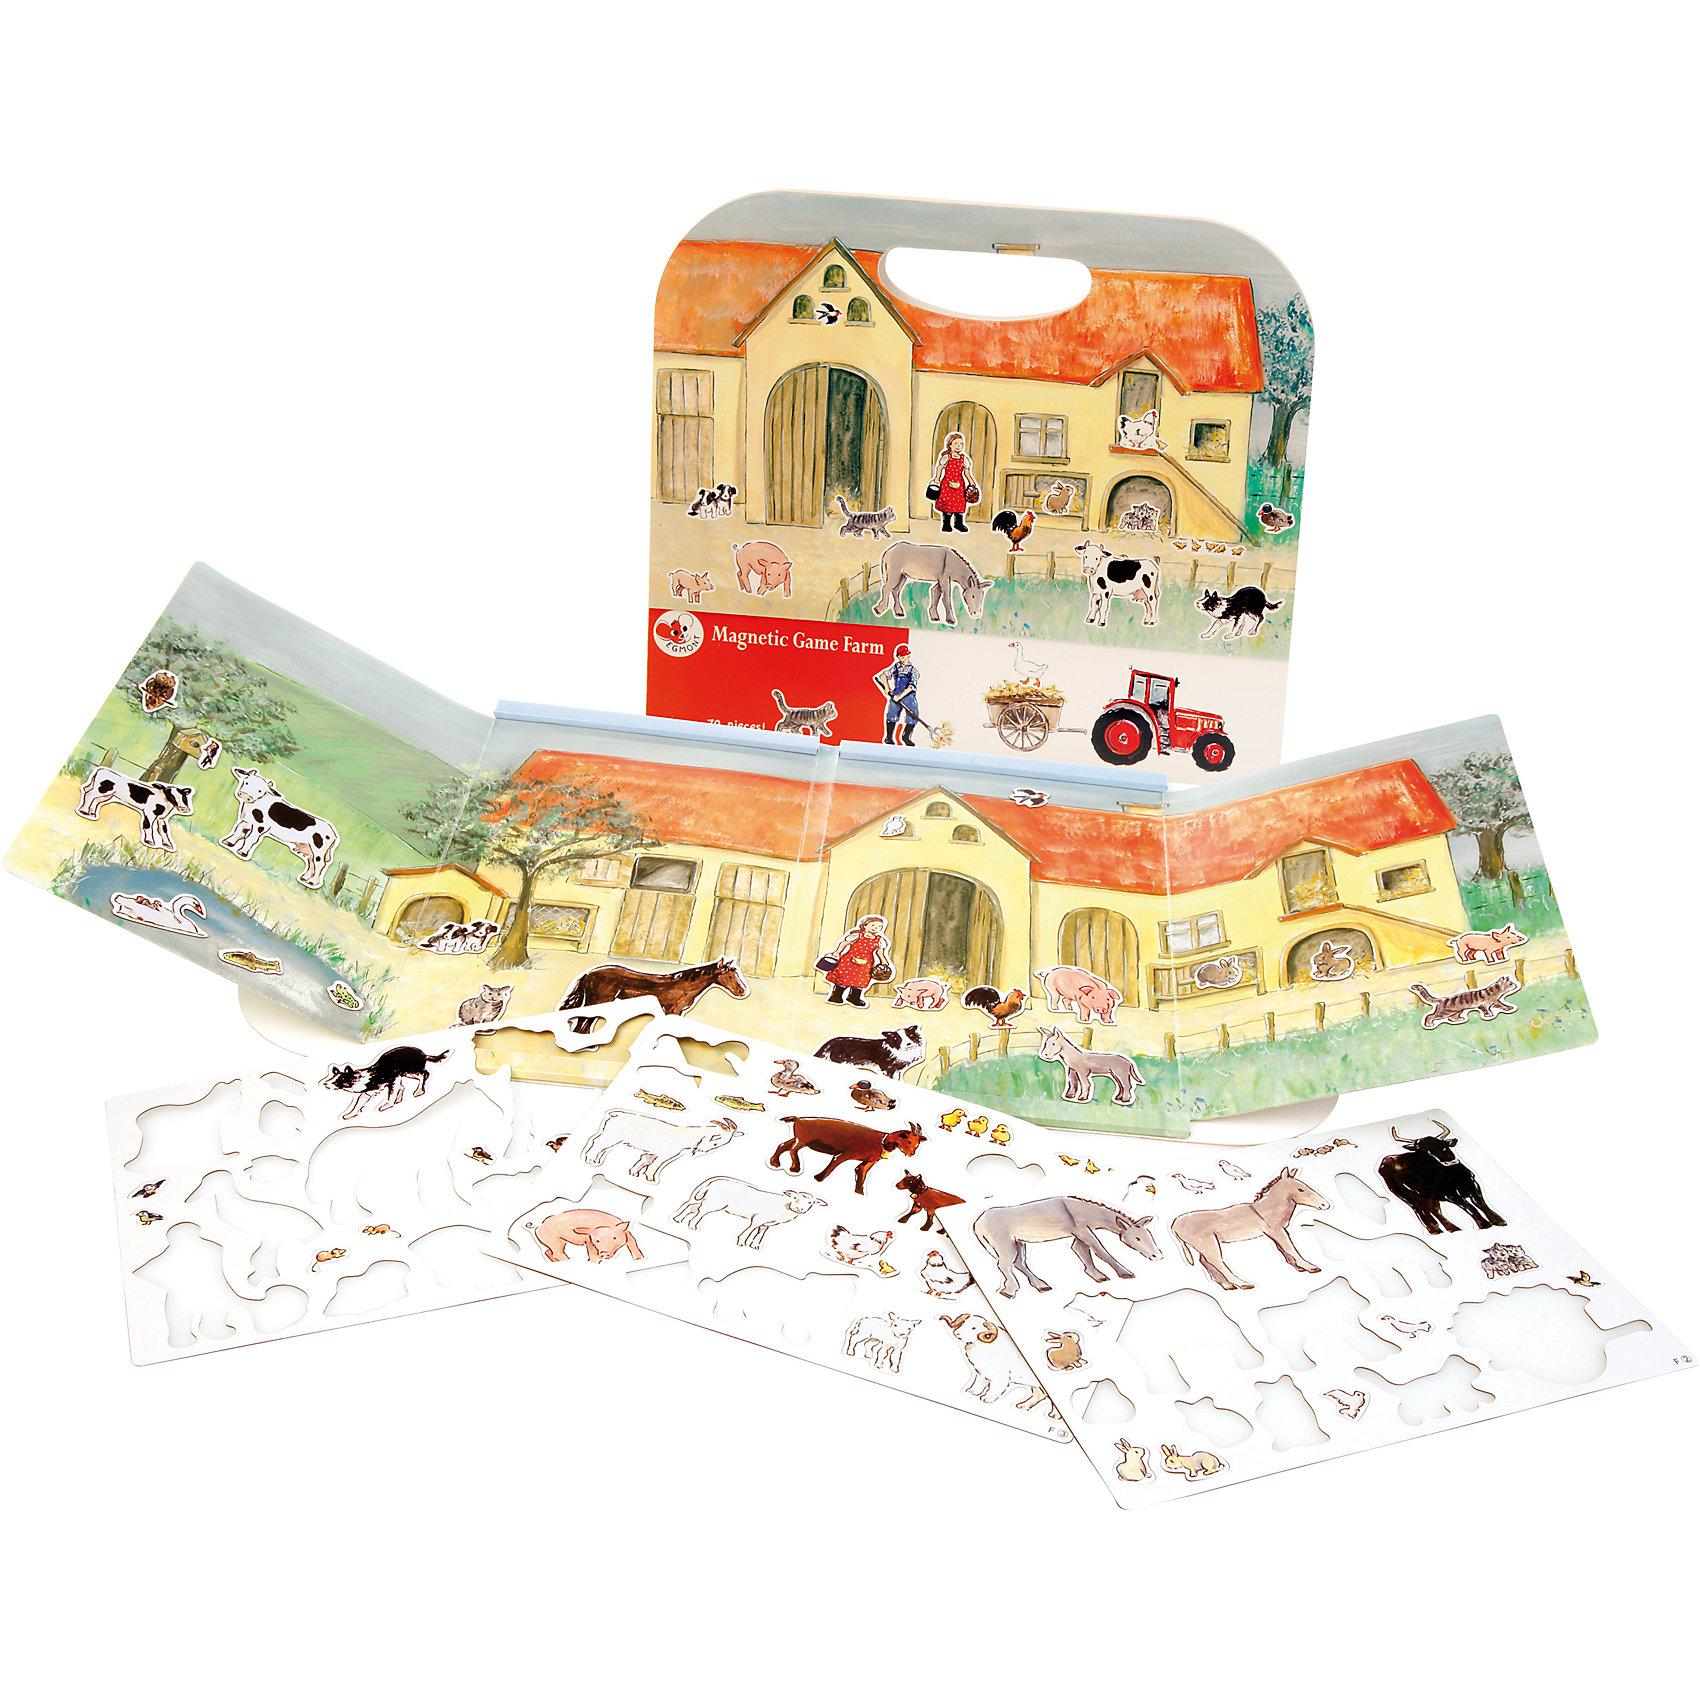 Магнитная игра Ферма, Egmont ToysИгры для дошкольников<br>Характеристики:<br><br>• возраст: от 3-х лет;<br>• материал: картон, магнит;<br>• комплектация: магнитная книжка-основа, 70 магнитных деталей;<br>• размер игры в развёрнутом виде: 25х67,5 см;<br>• вес: 440 г;<br>• размер упаковки: 25х24х1 см;<br>• особенности ухода: сухая чистка.<br><br>Магнитная игра  «Ферма», Egmont Toys – это набор магнитных элементов, предназначенный для сюжетно-ролевых и обучающих игр. Набор также можно использовать в качестве настольной игры.<br><br>Набор состоит из картонной книжки-основы, на которую нанесено изображение фермы, фермерских построек и загонов для животных. К основе прилагаются 70 элементов с изображением животных и фермерской атрибутики. <br><br>Магнитная игра  «Ферма», Egmont Toys – это целое методическое пособие, которое позволит в легкой игровой форме познакомить ребенка с особенностями сельского хозяйства. Игра имеет огромное количество вариантов: «узнай животного», «где чей домик», «кто что ест» и др.<br><br>Магнитную игру  «Ферма», Egmont Toys можно купить в нашем интернет-магазине.<br><br>Ширина мм: 250<br>Глубина мм: 240<br>Высота мм: 10<br>Вес г: 440<br>Возраст от месяцев: 36<br>Возраст до месяцев: 2147483647<br>Пол: Унисекс<br>Возраст: Детский<br>SKU: 5544491